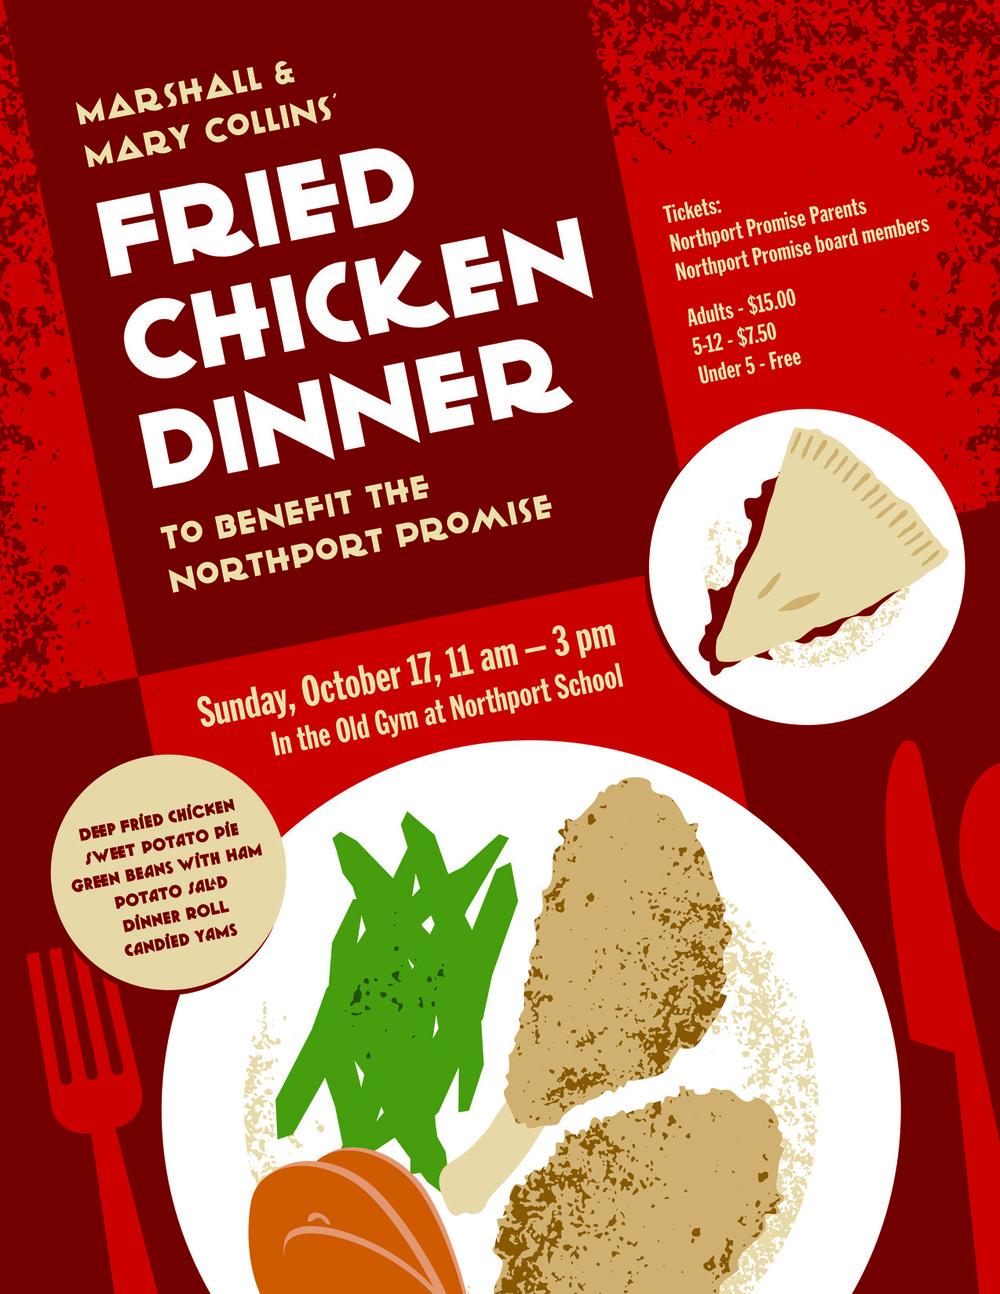 NPP_ChickenDinner_Poster.jpg